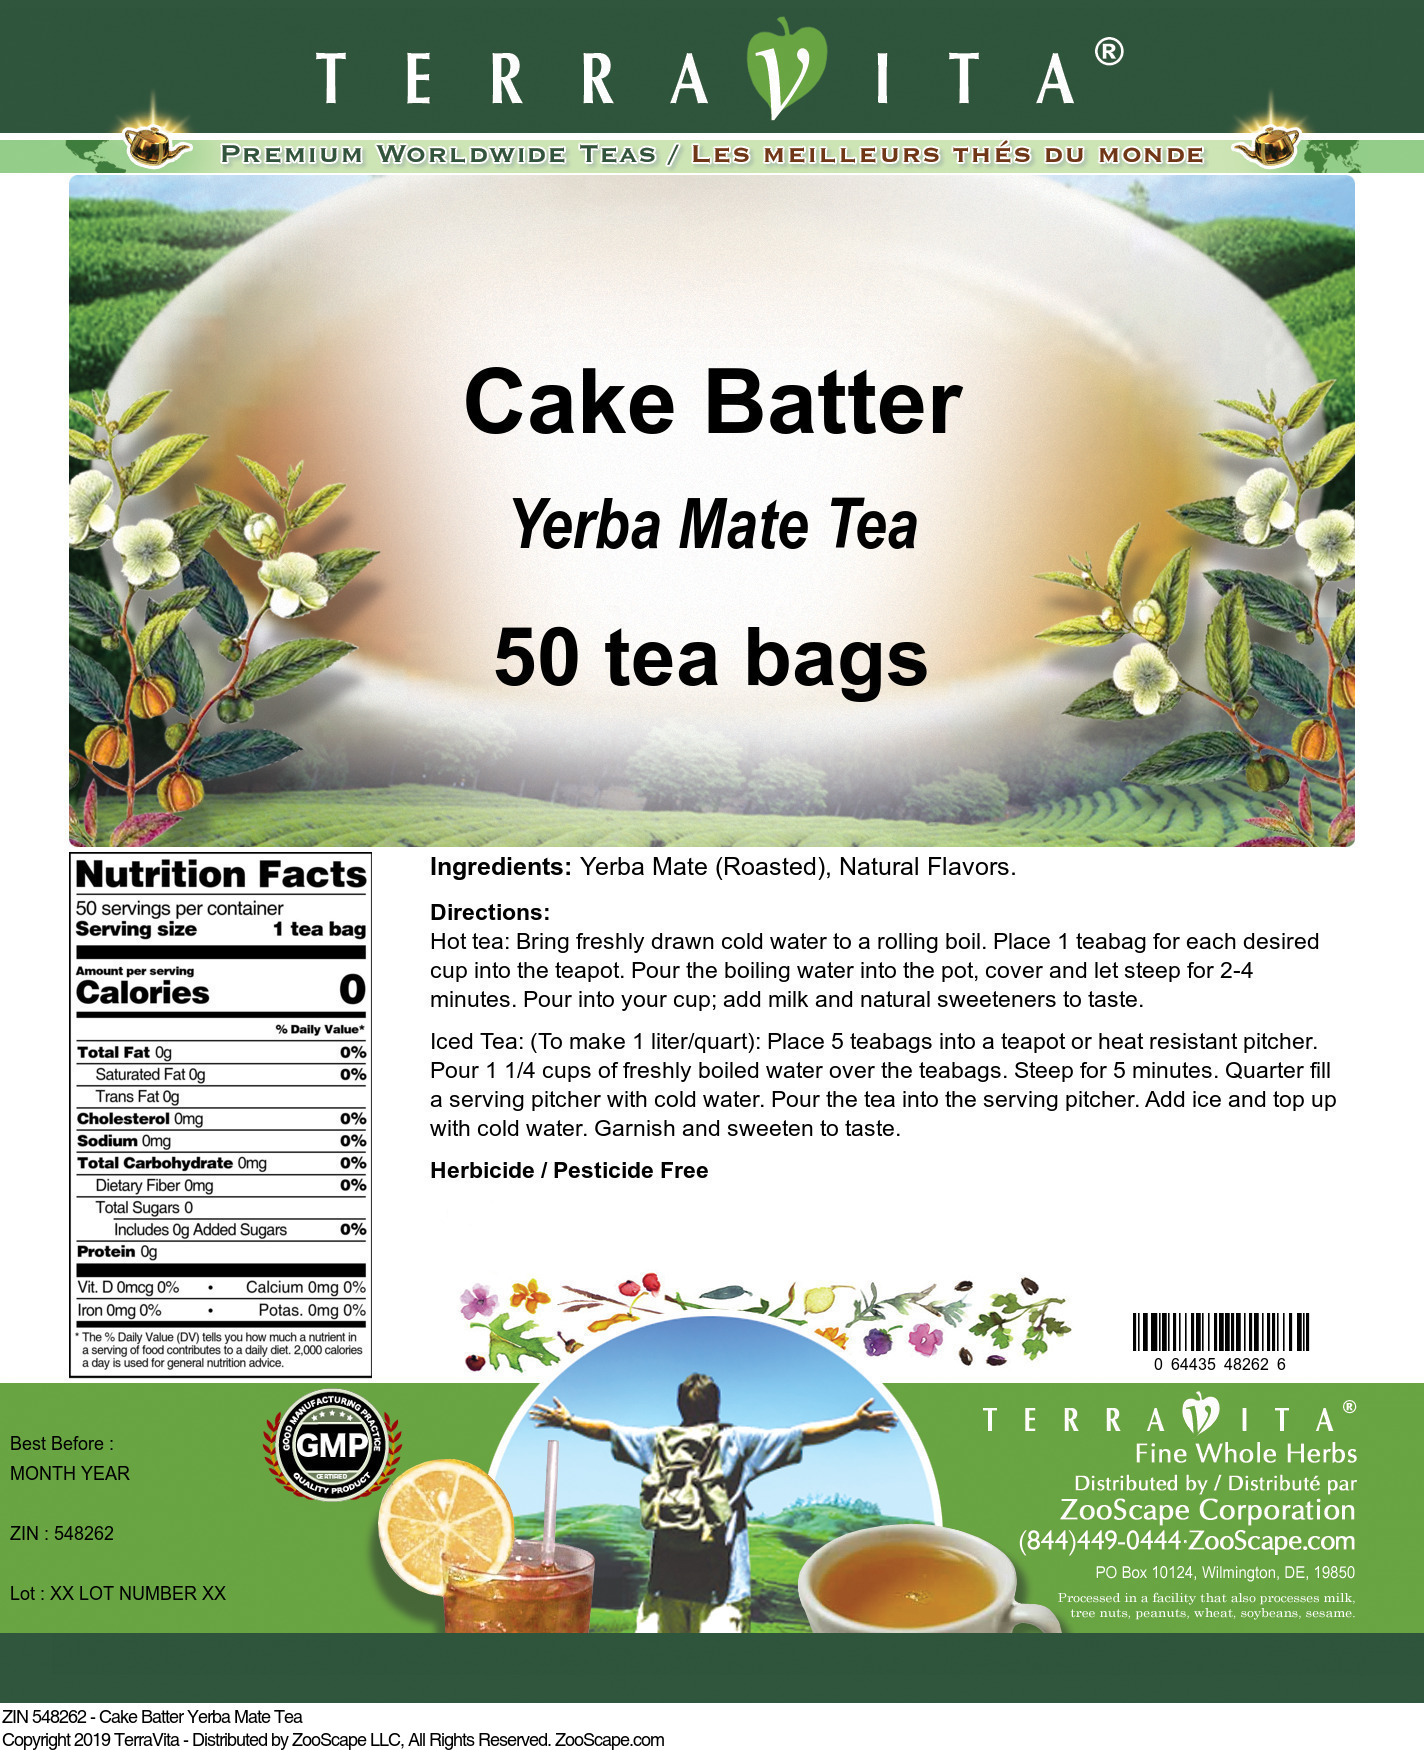 Cake Batter Yerba Mate Tea